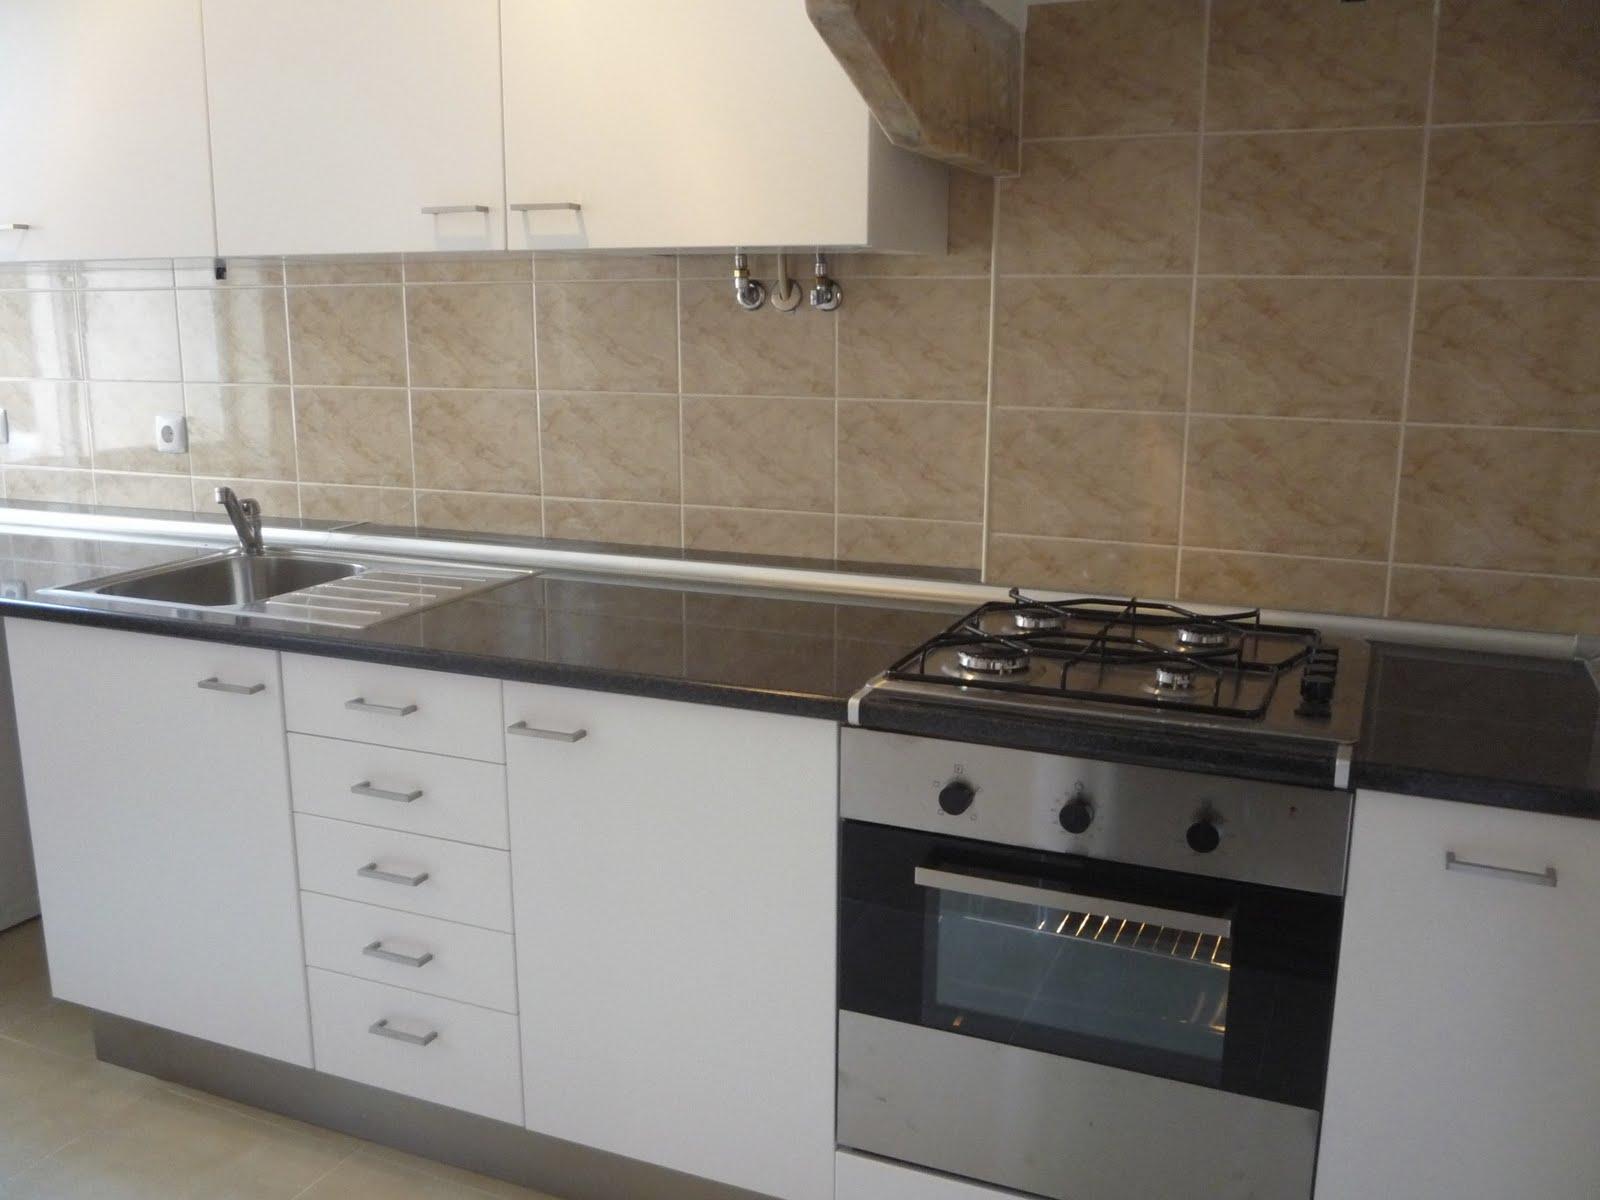 Construção Civil Unipessoal Lda: Montagem de cozinhas Ikea #5D4D3C 1600 1200